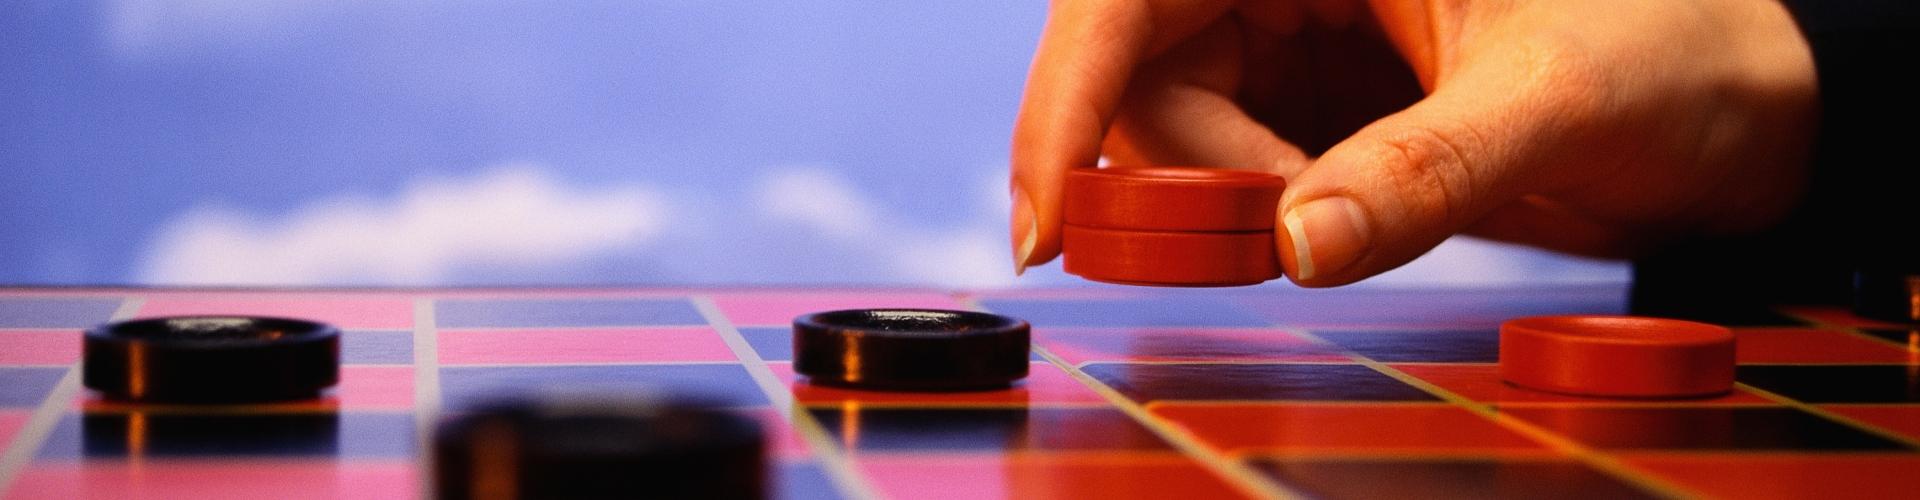 checkerboard_1920x500